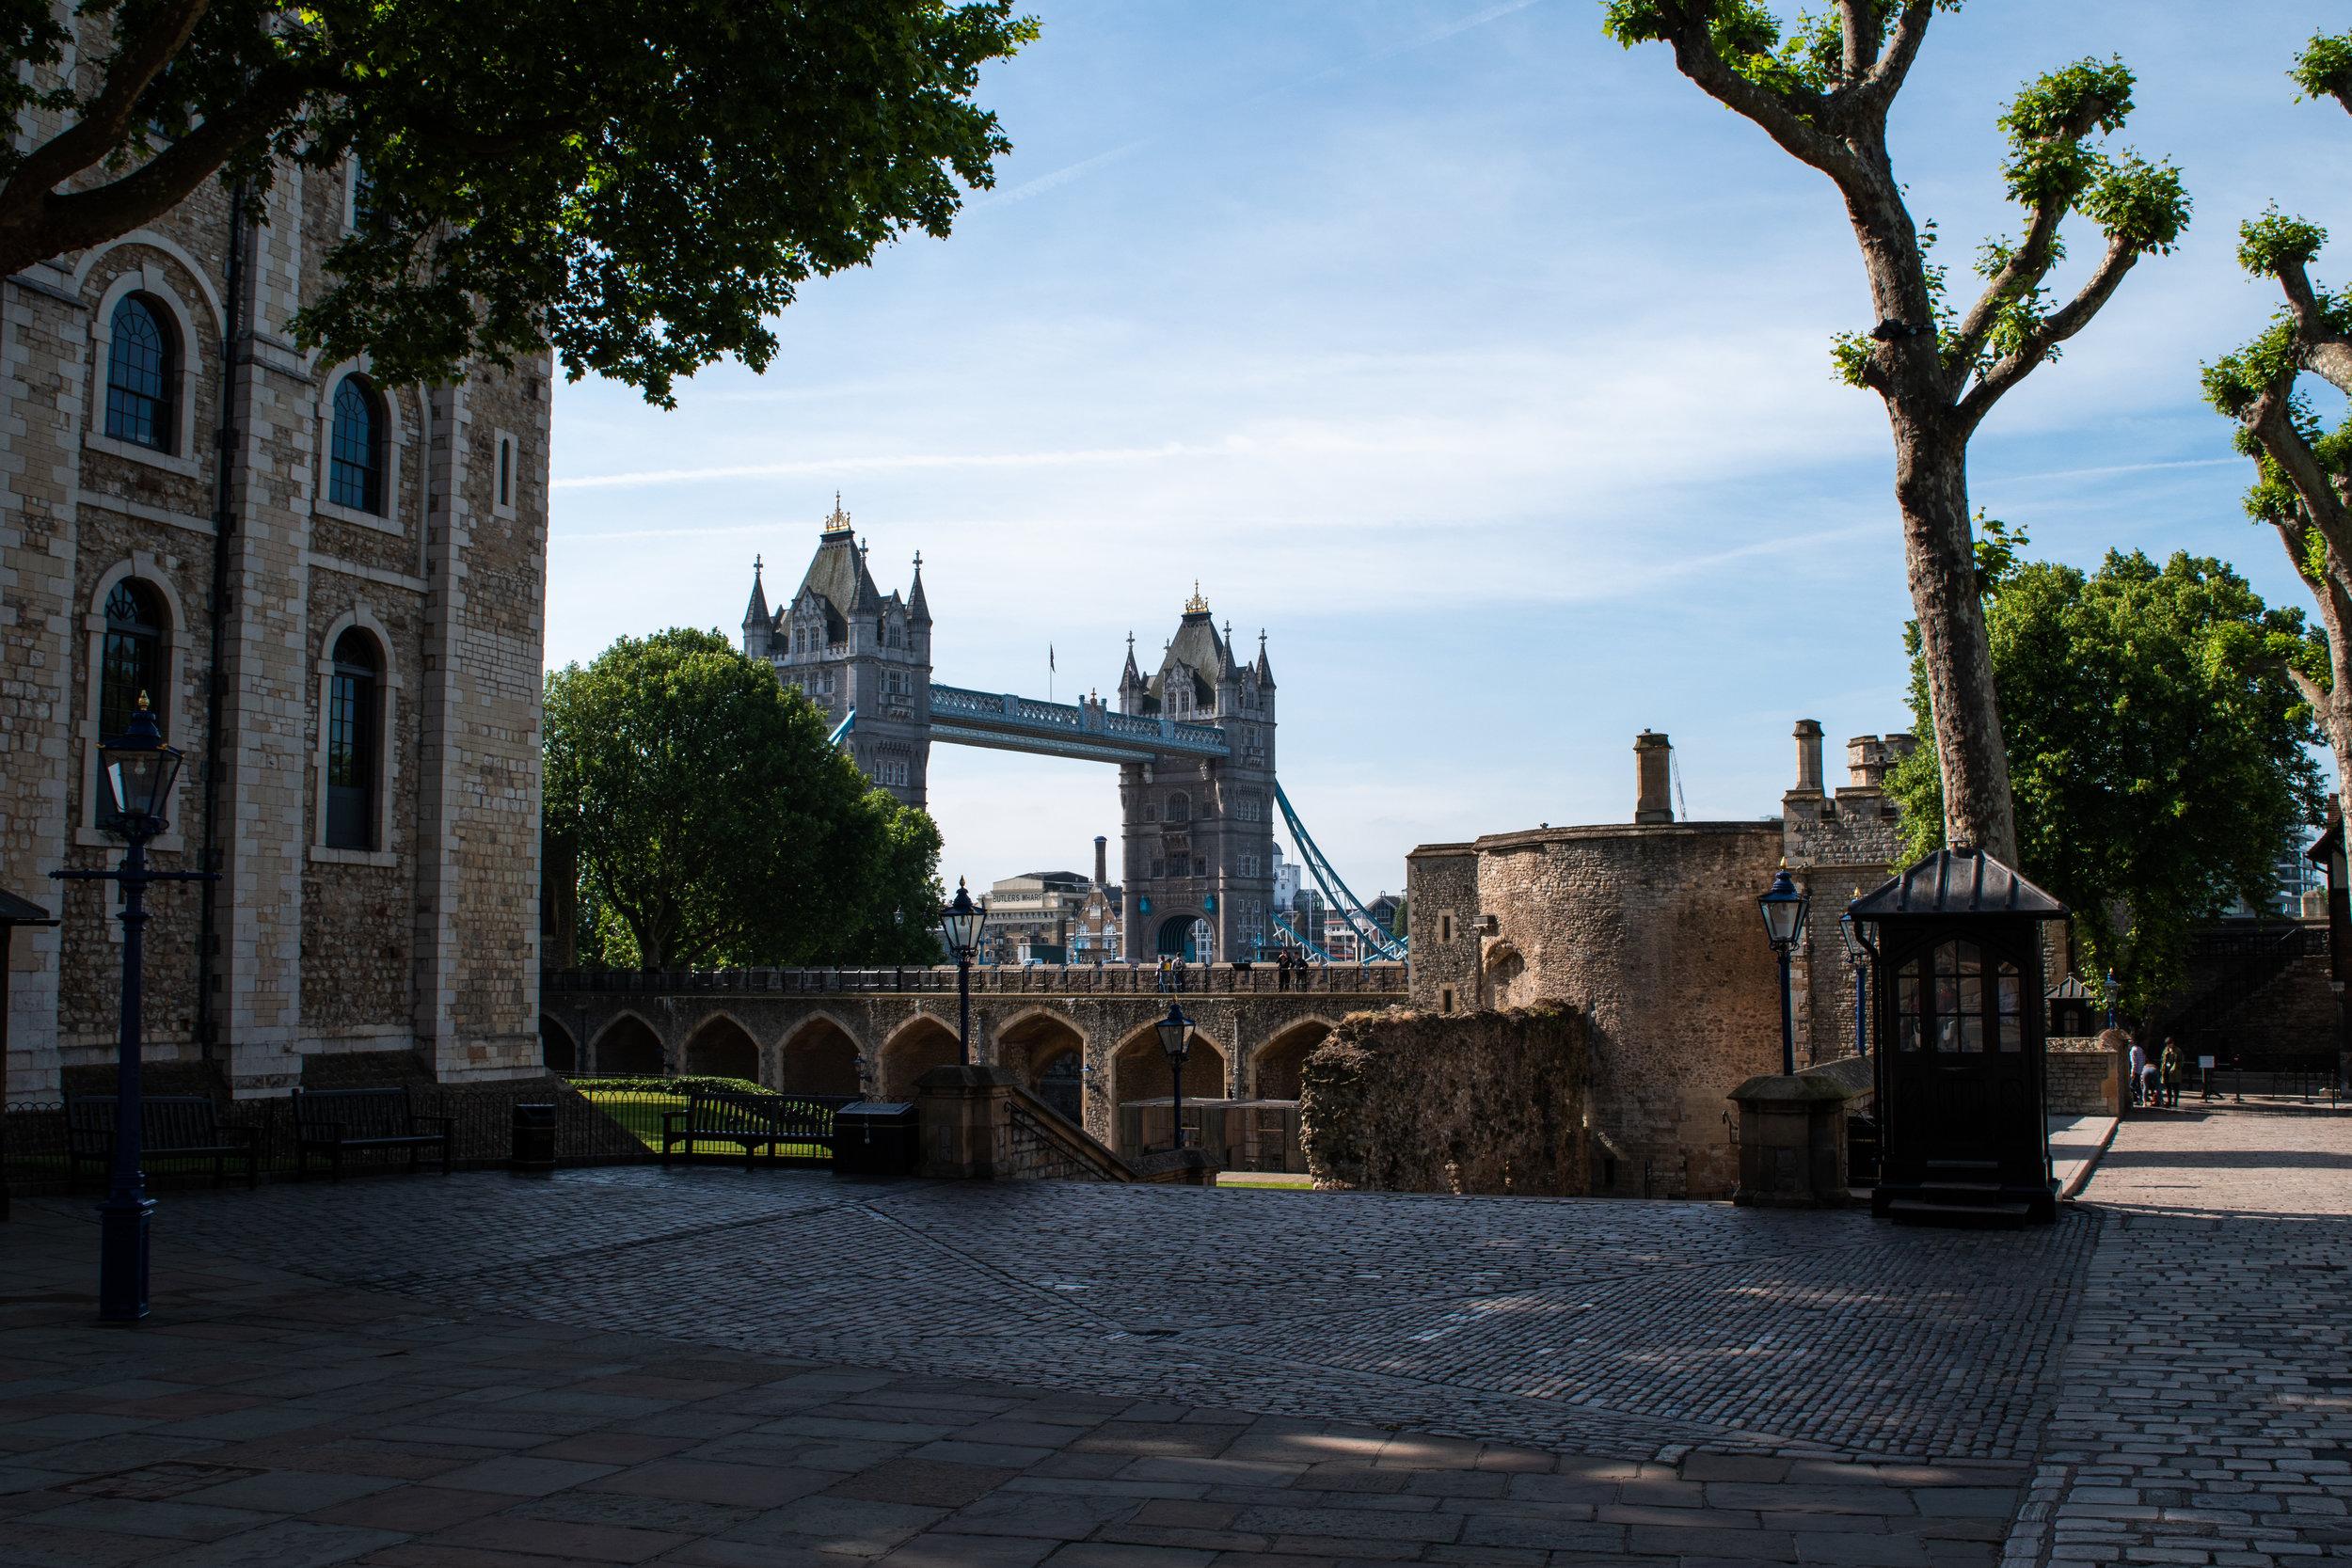 tower of london 3 jpg.jpg